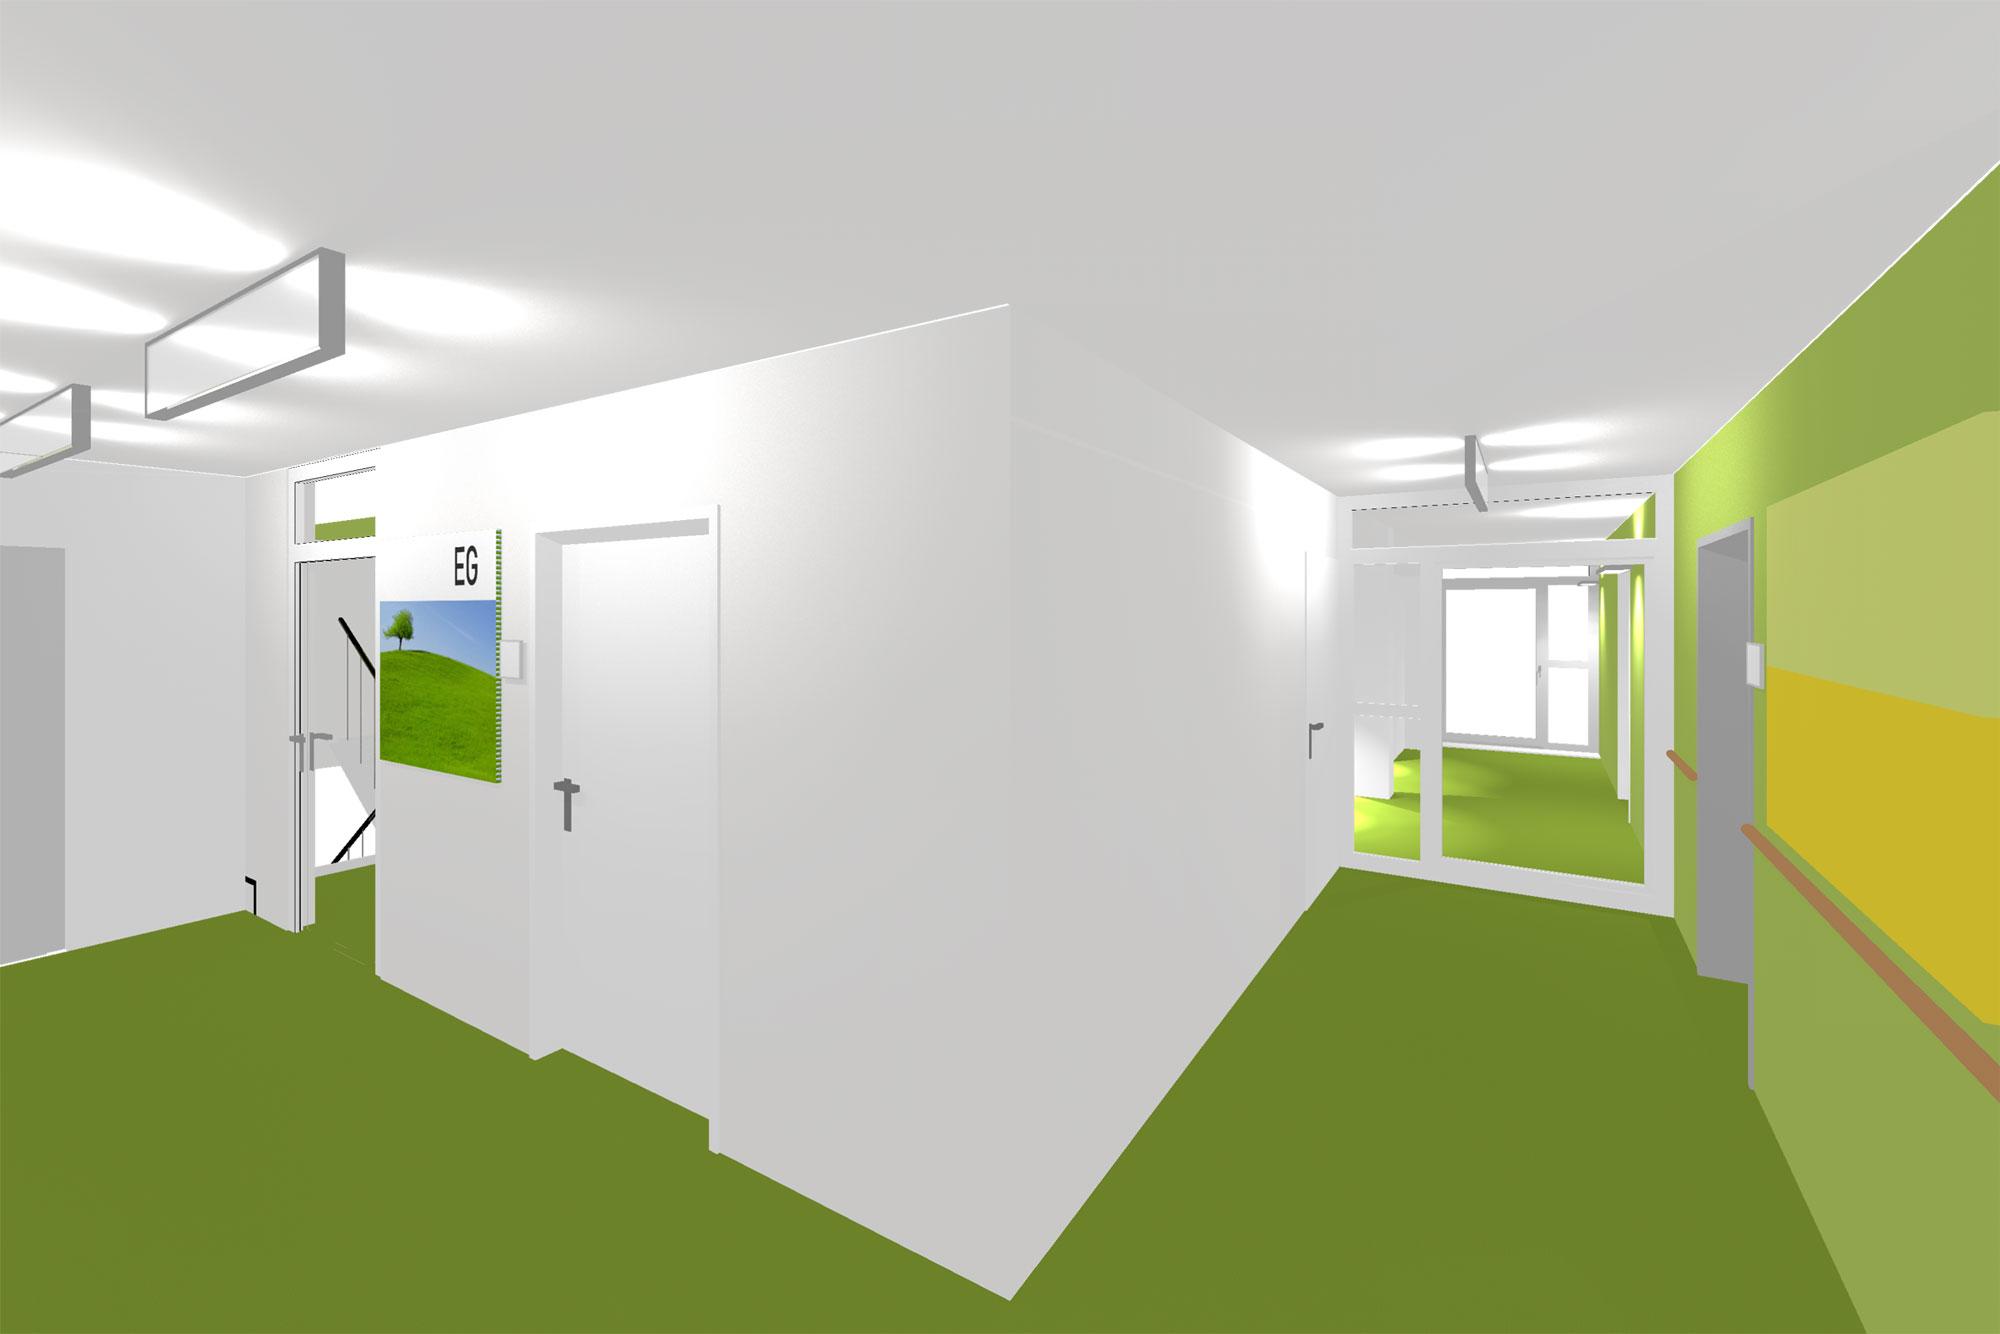 Neugestaltung eines seniorenheims gross innenarchitektur - Innenarchitektur flur ...